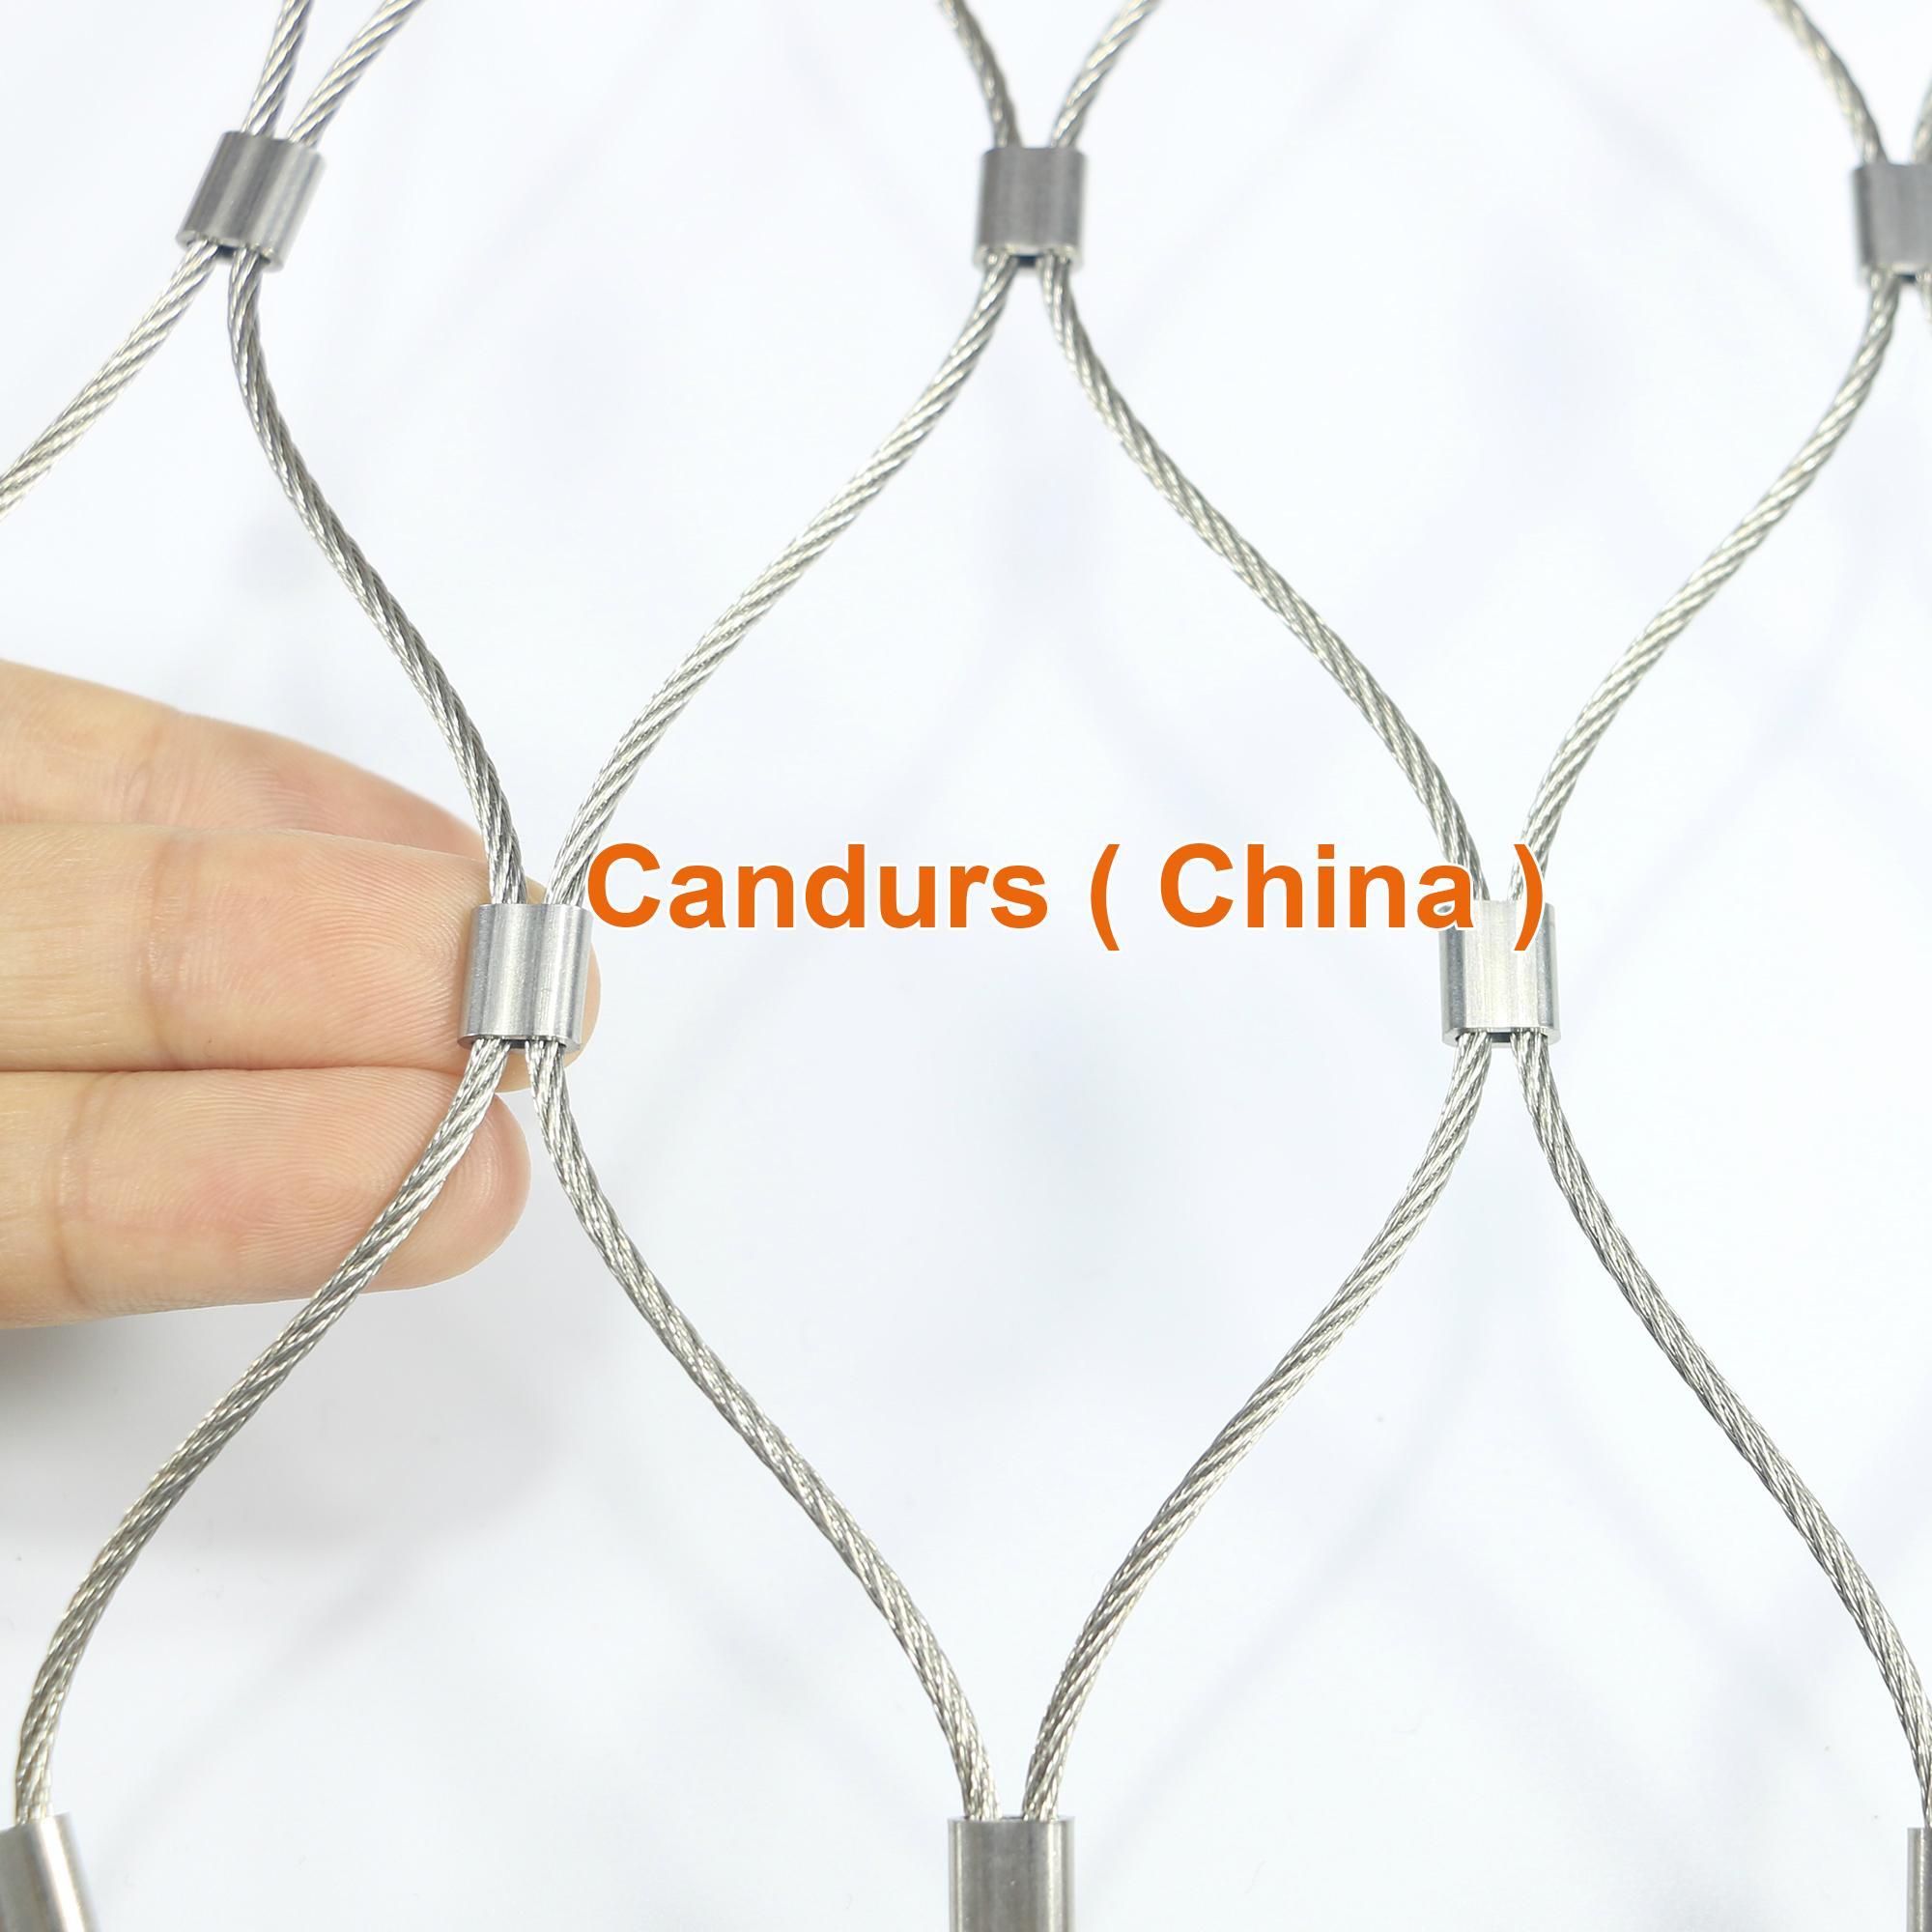 1.5毫米不锈钢丝绳扣网护栏 10